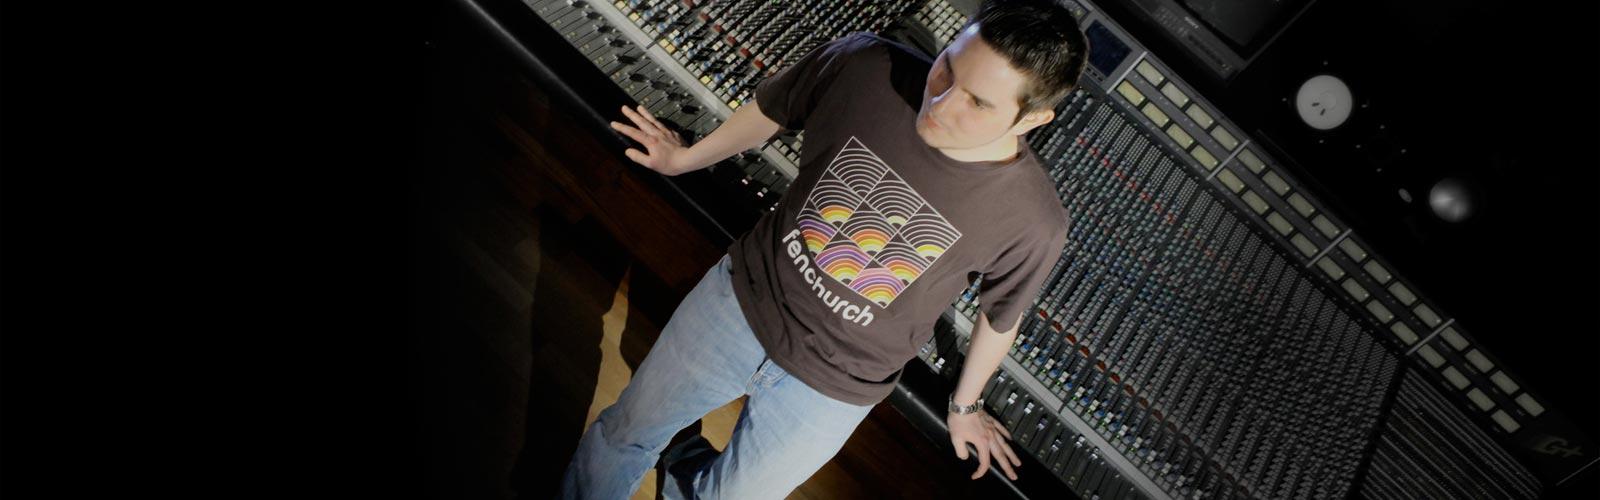 Online Mixing Studio